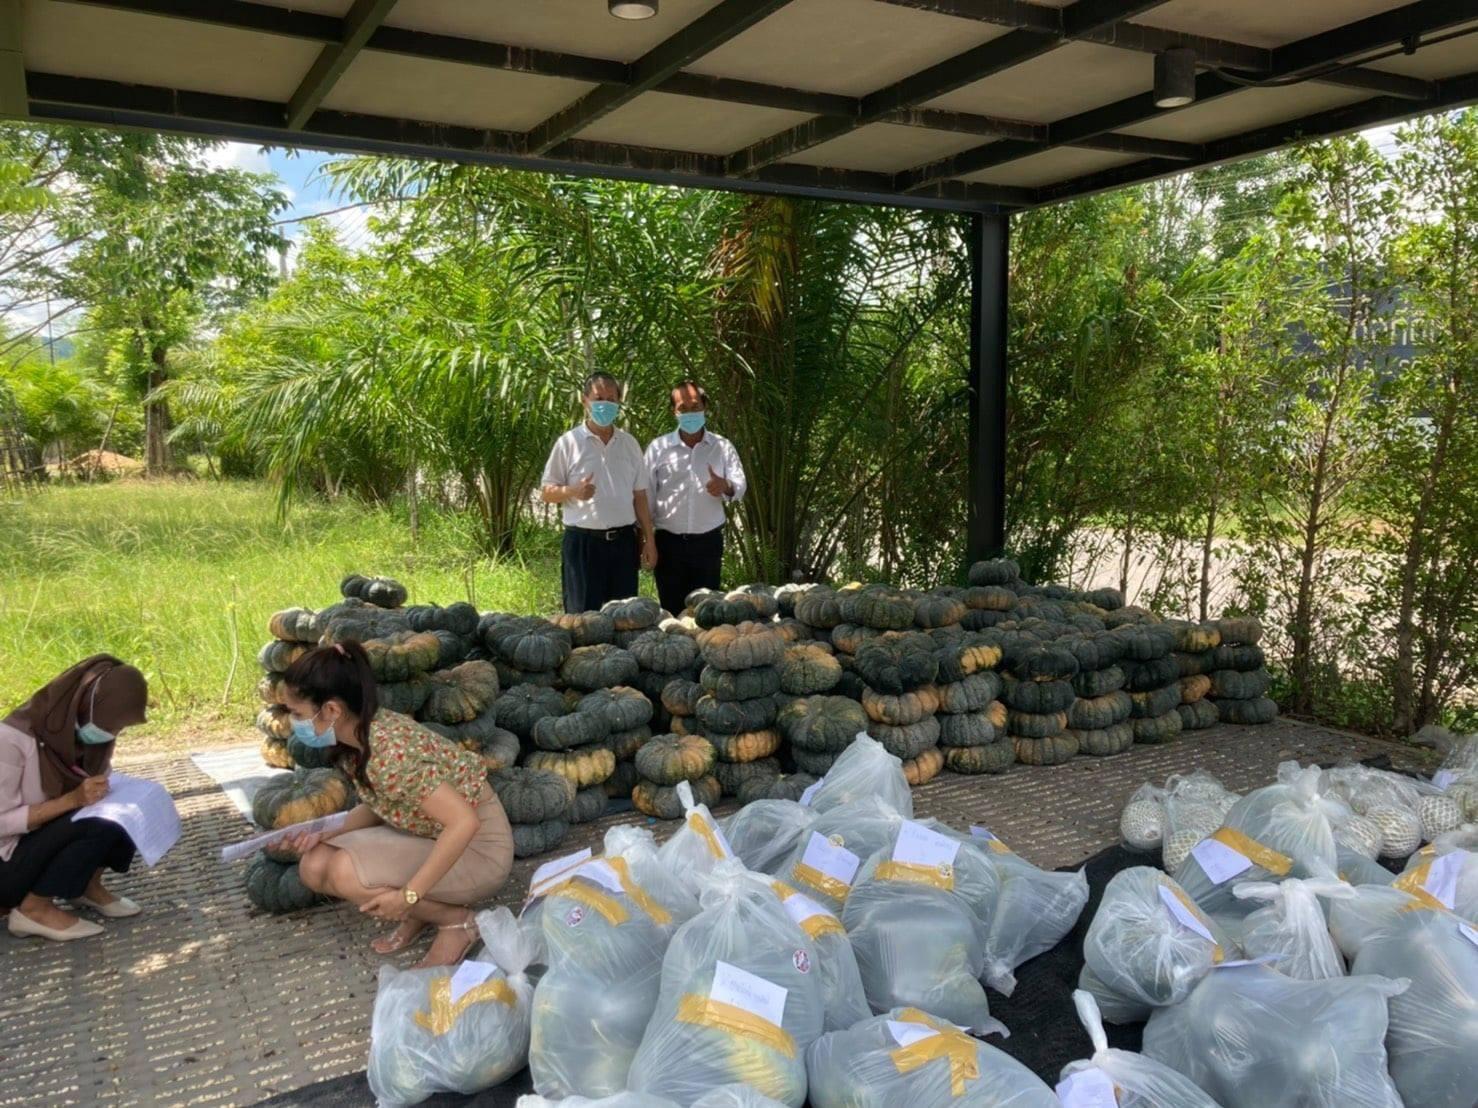 หอการค้าจังหวัดสงขลา และ คณะกรรมการ YEC สงขลา ร่วมสนับสนุนผลผลิตทางการเกษตรของเกษตรกรชาว อ.ระโนด จ.สงขลา